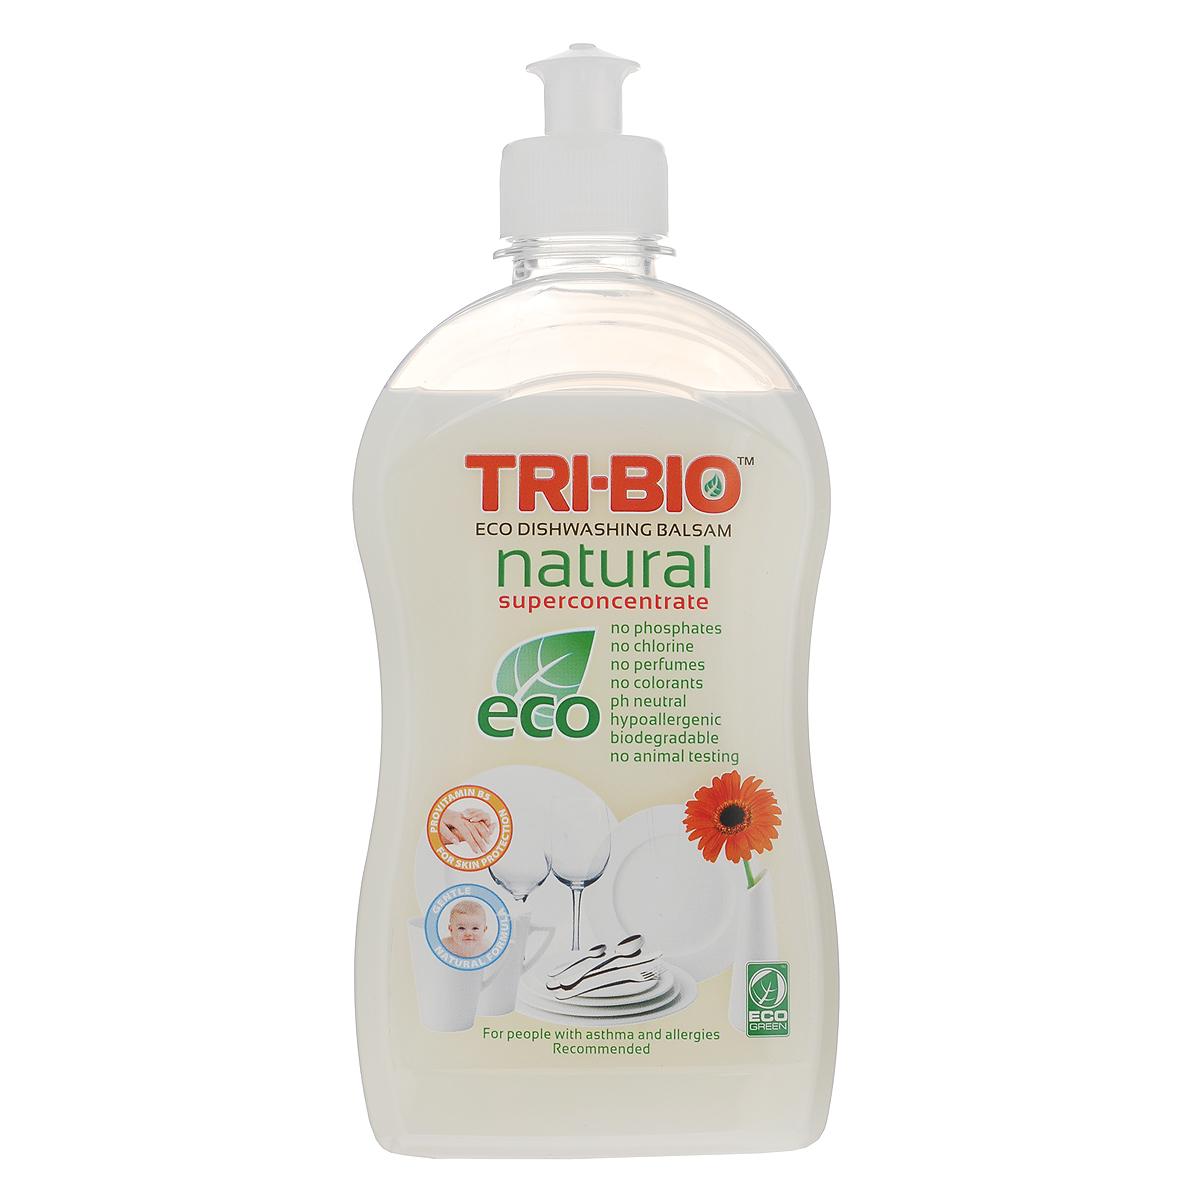 Натуральный эко-бальзам для мытья посуды Tri-Bio, 420 мл0420Эффективная формула основана на натуральных растительных и минеральных компонентах, кокосовом масле, сахаре, а также провитамине В5 для смягчения кожи. Нейтральный рH. Супер концентрированный густой белый бальзам создает нежную пену, которая эффективно удаляет жир и остатки пищи с посуды и стеклянных, керамических, каменных и металлических поверхностей. Не содержит опасных химических веществ, но также эффективна, как широко известные жесткие химические моющие средства. Подходит людям с чувствительной кожей: оказывает более щадящее воздействие на руки, не сушит кожу, не повреждает ногти, не раздражает дыхательные пути. Идеально подходит для мытья детской посуды. Рекомендуется для людей, склонных к аллергическим реакциям и страдающих астмой. Для здоровья: Без фосфатов, растворителей, хлора отбеливающих веществ, абразивных веществ, отдушек, красителей, токсичных веществ. Для окружающей среды: Низкий уровень ЛОС, легко...